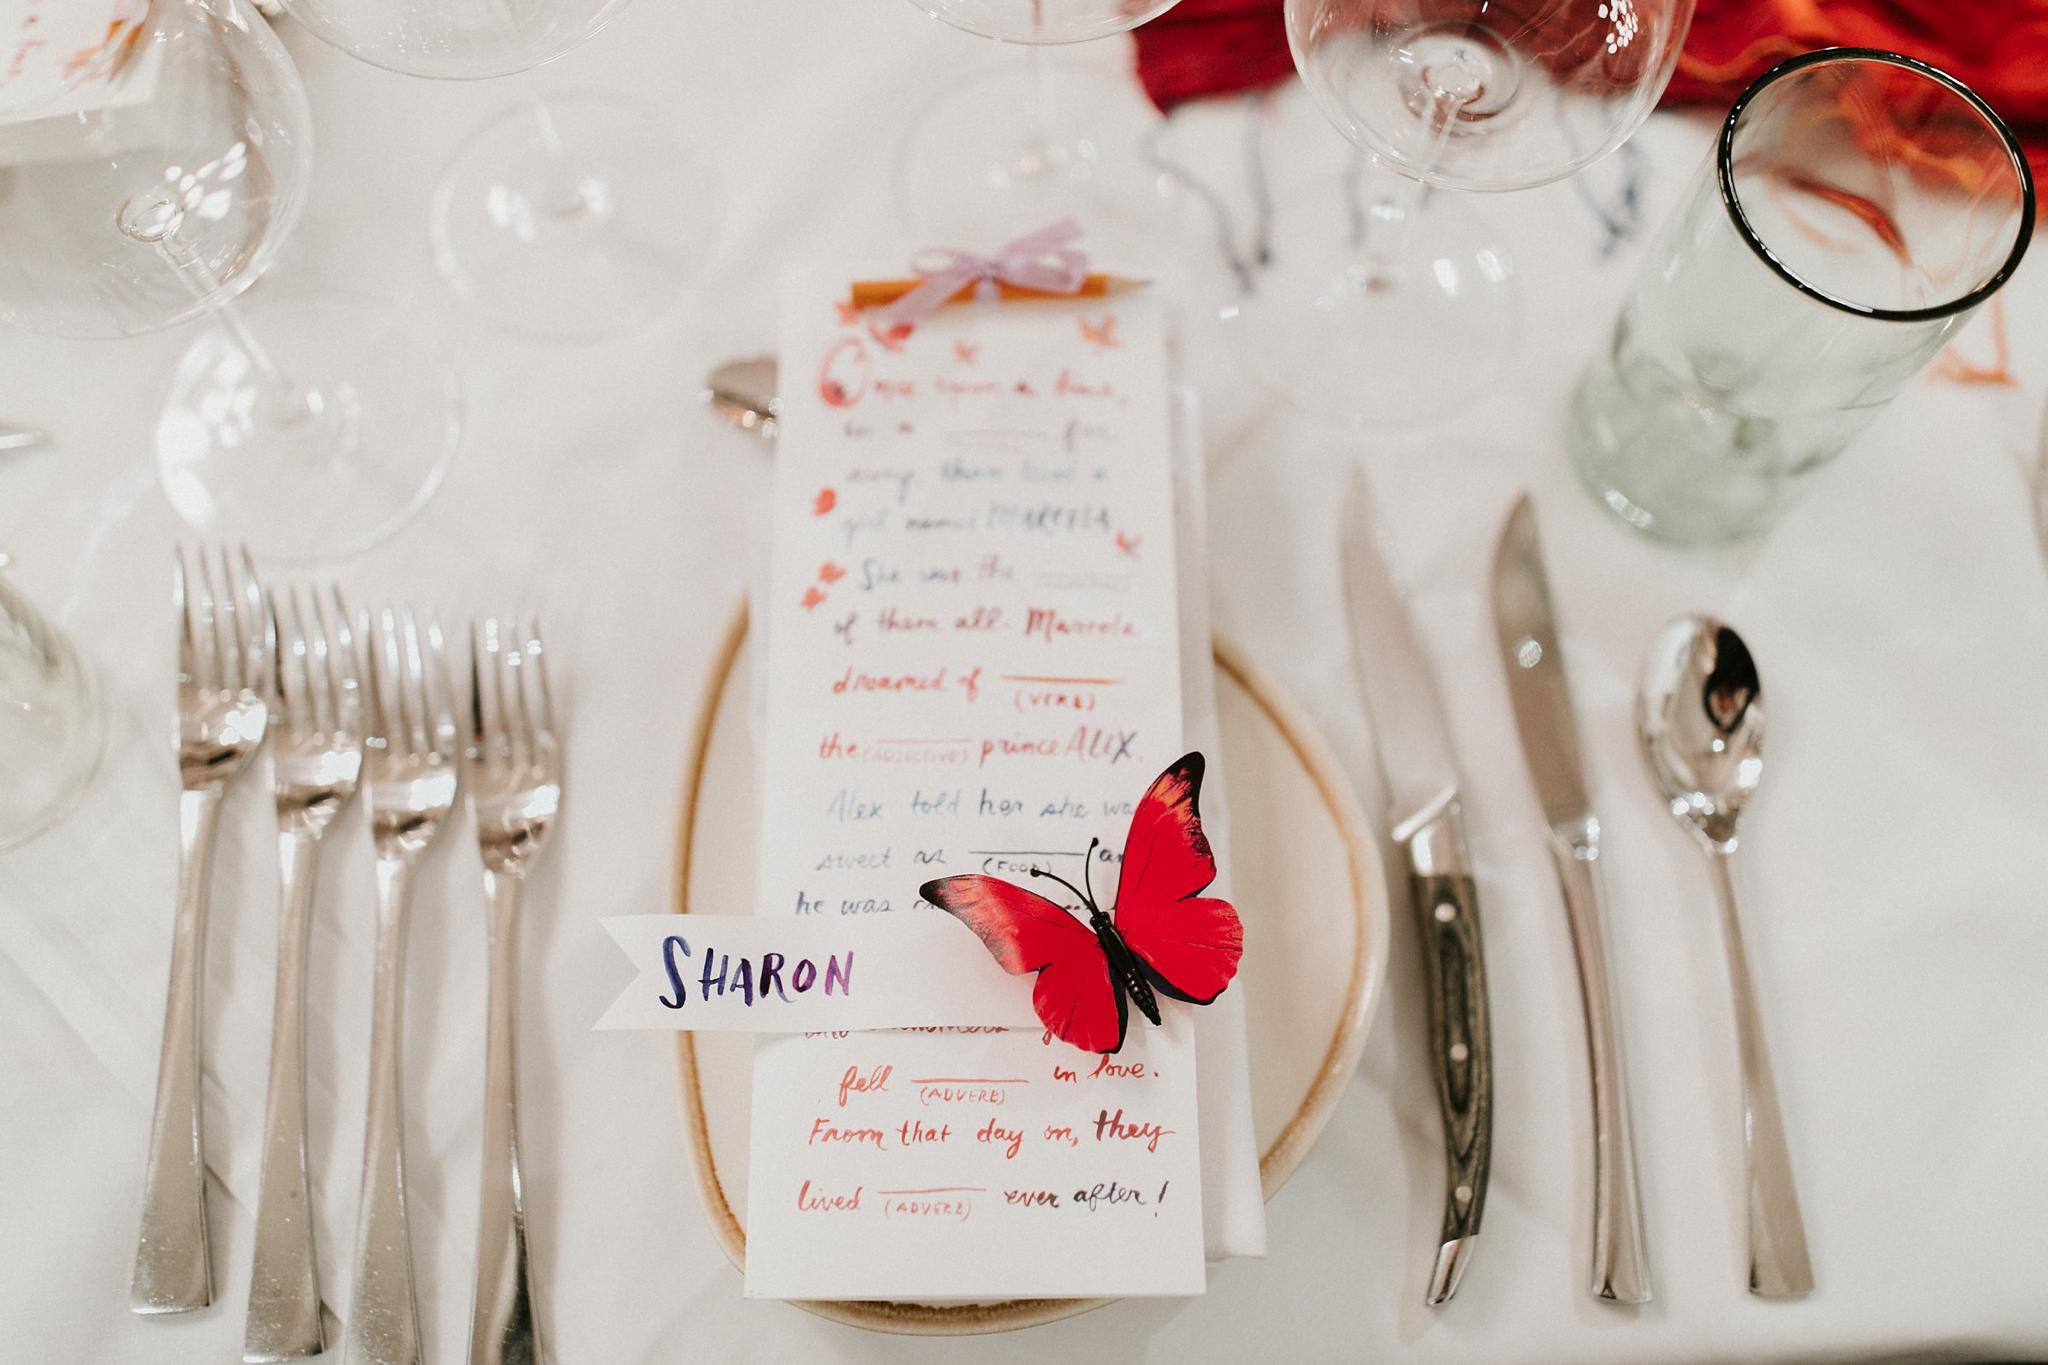 Alicia+lucia+photography+-+albuquerque+wedding+photographer+-+santa+fe+wedding+photography+-+new+mexico+wedding+photographer+-+new+mexico+wedding+-+wedding+-+winter+wedding+-+wedding+reception+-+winter+wedding+reception_0026.jpg